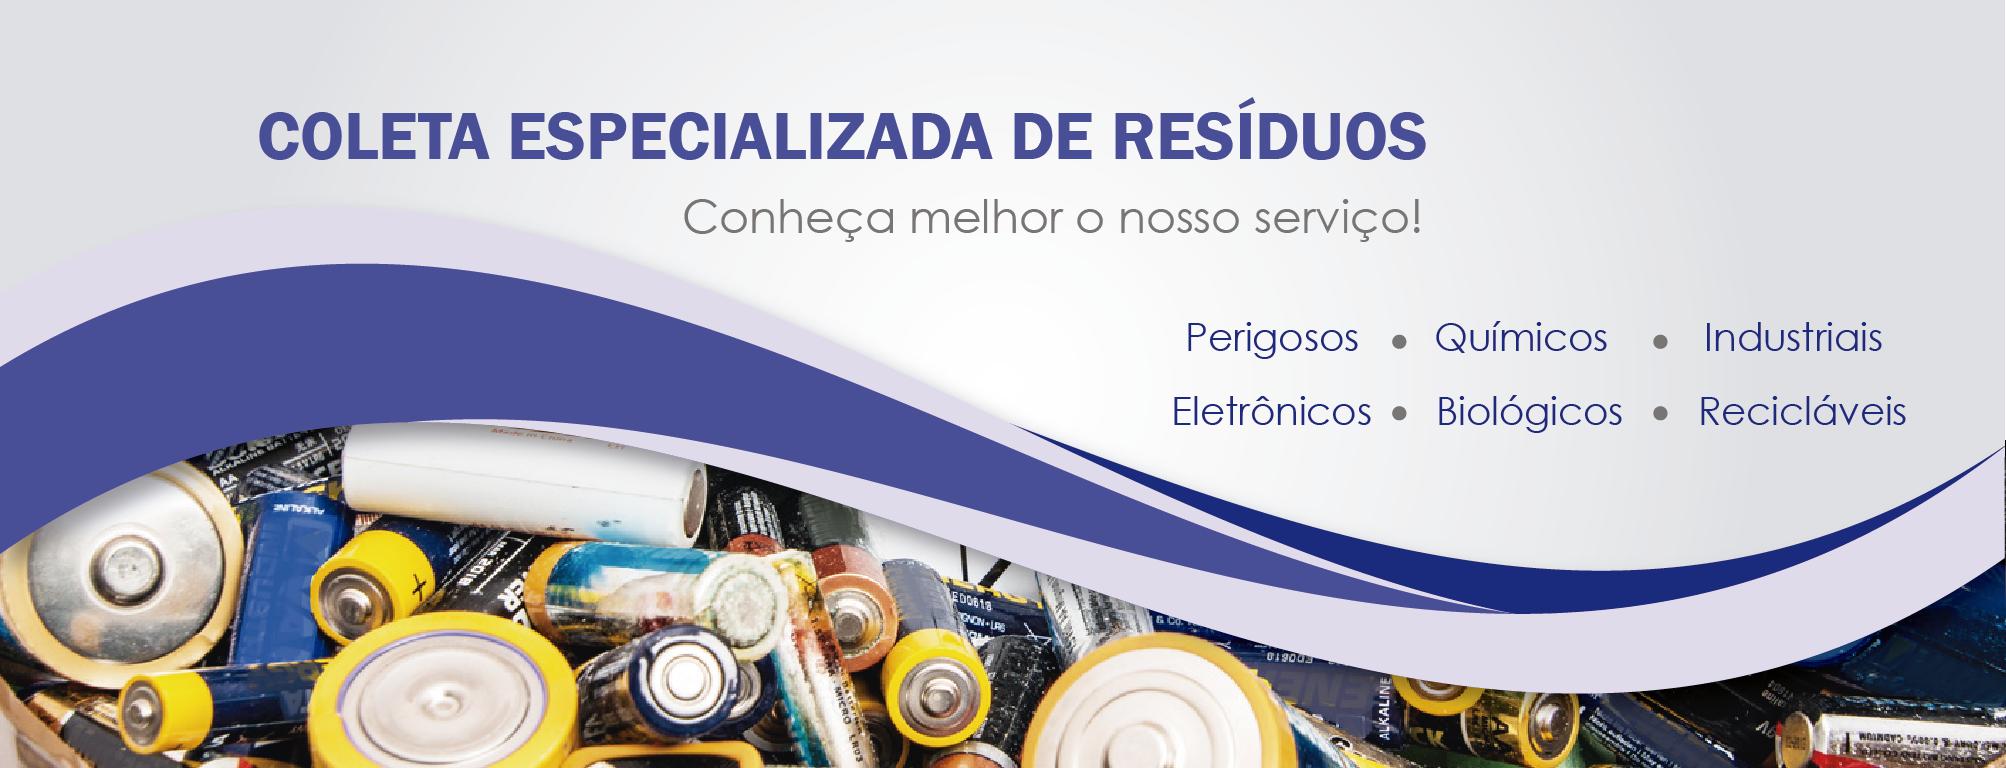 Coleta Especializada de Resíduos Hospitalares, Químicos, Industriais